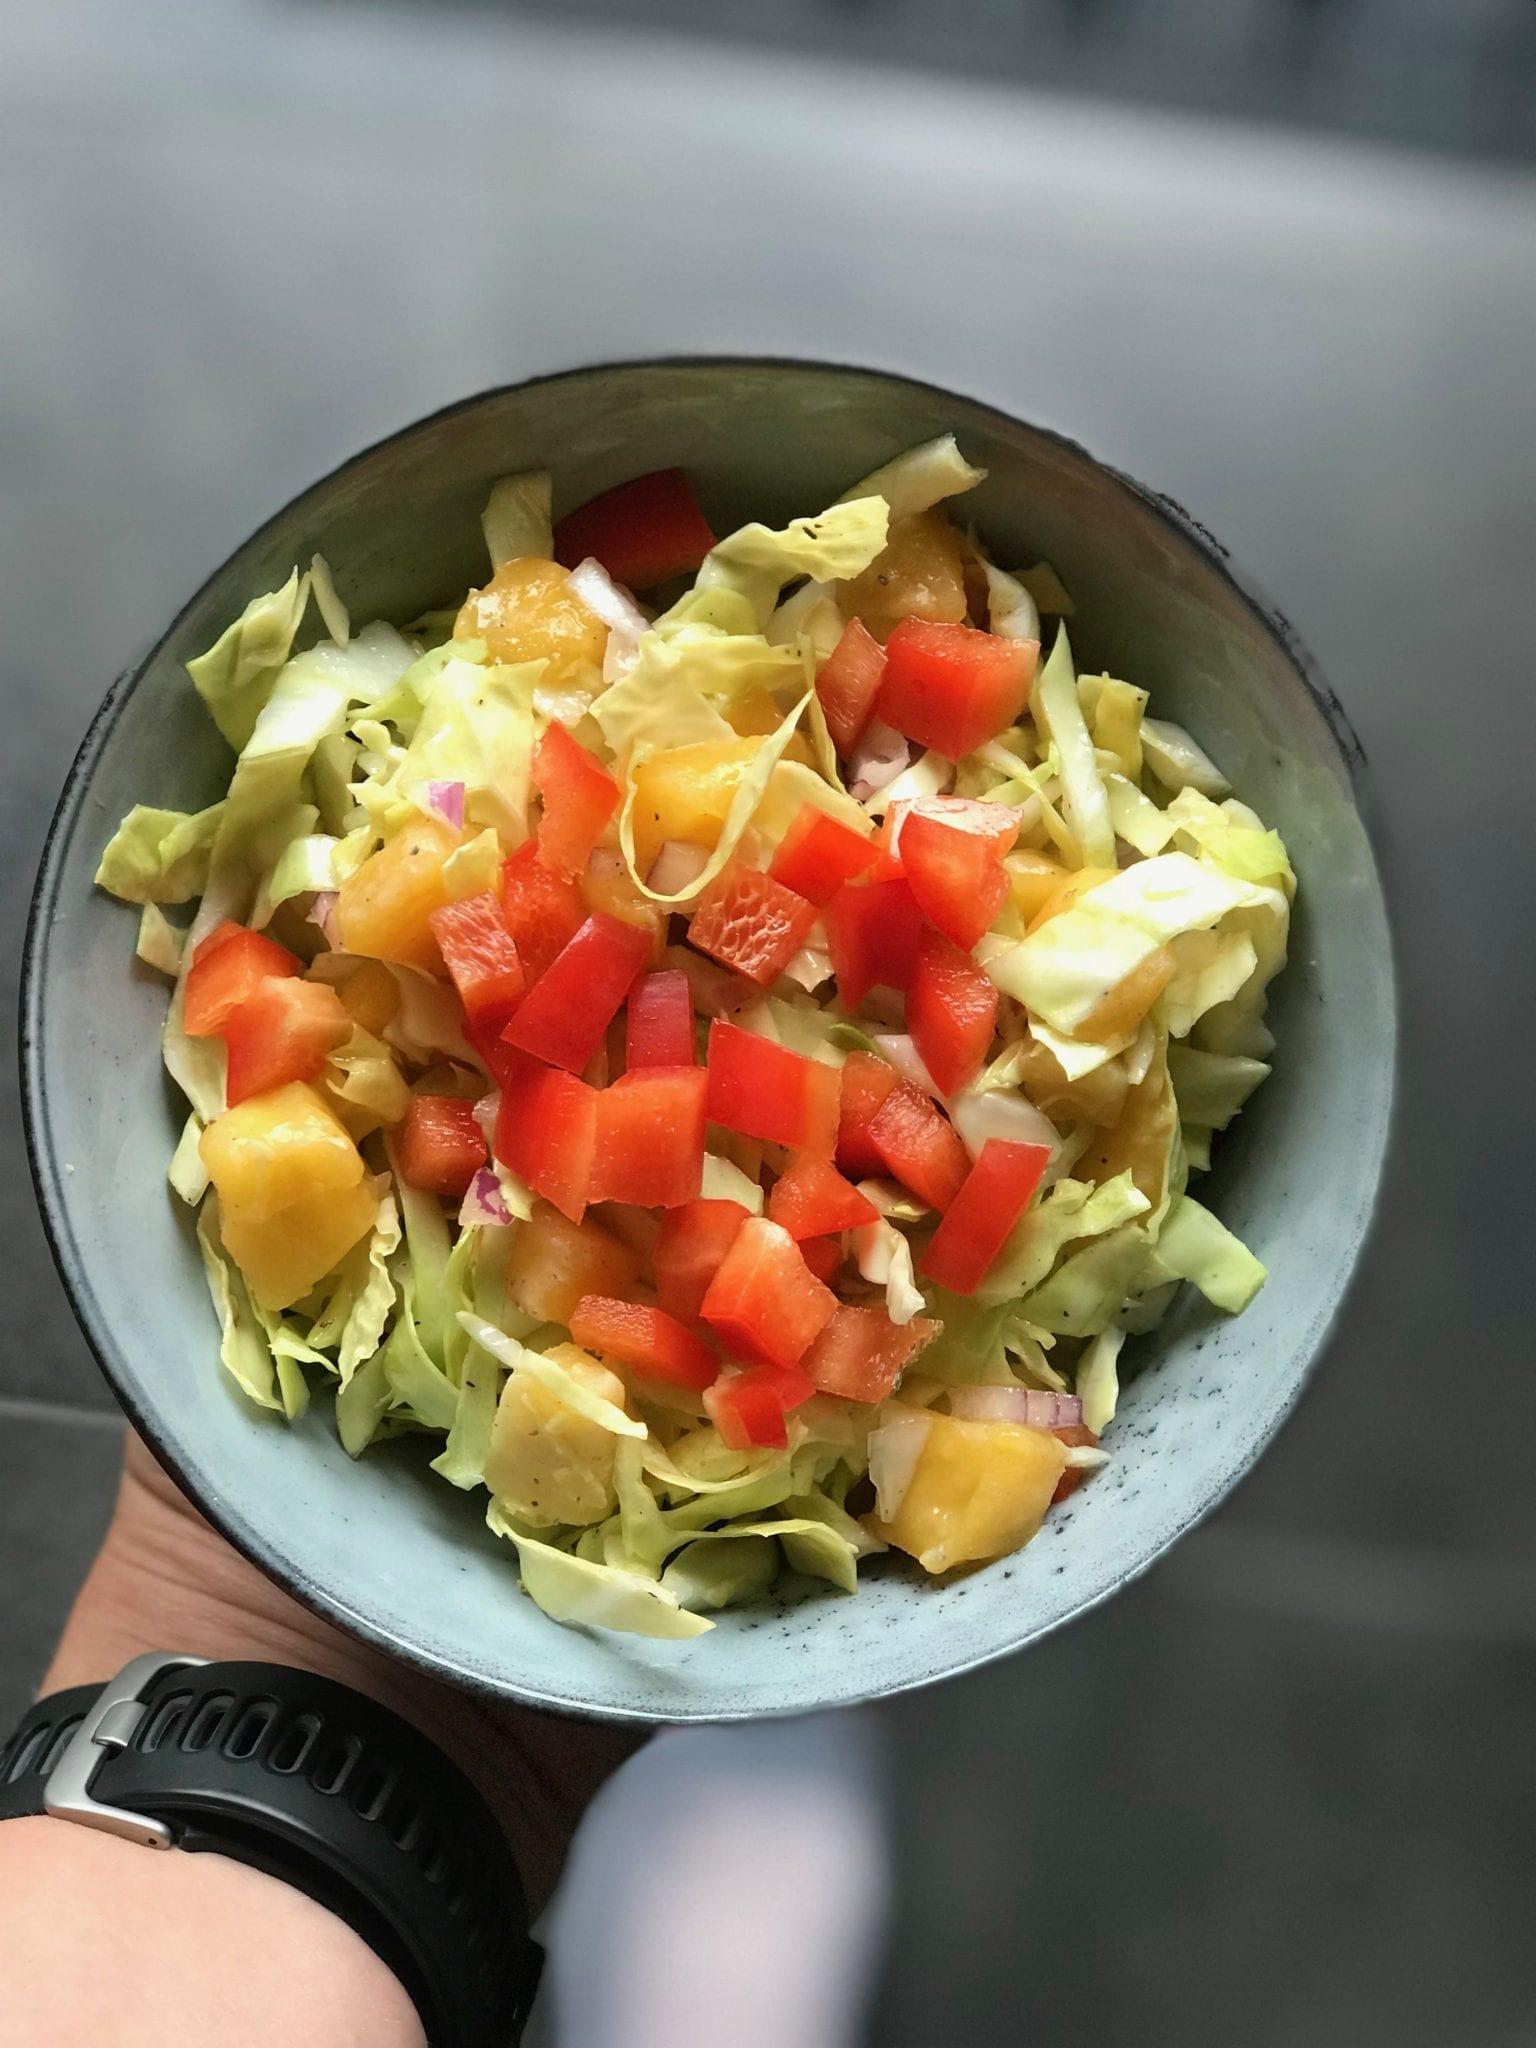 Spidskålssalat med mango og rødløg